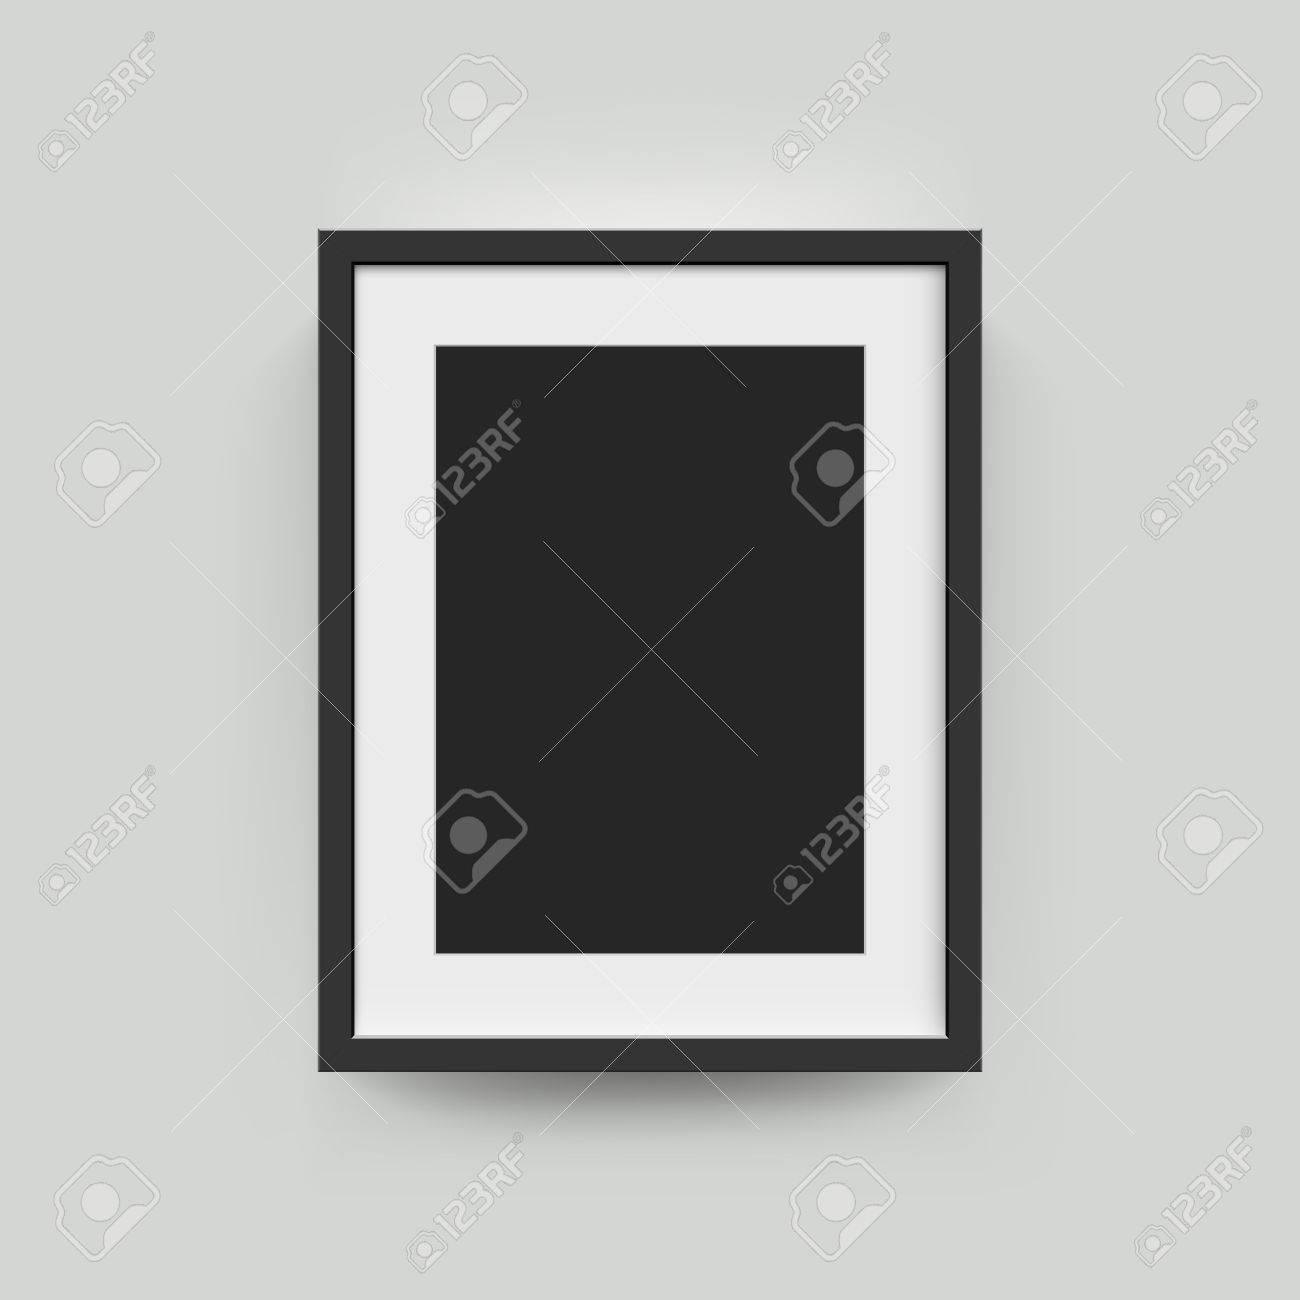 Marco De Imagen Para Fotografías. Papel Realisitc Vector O Estera De ...